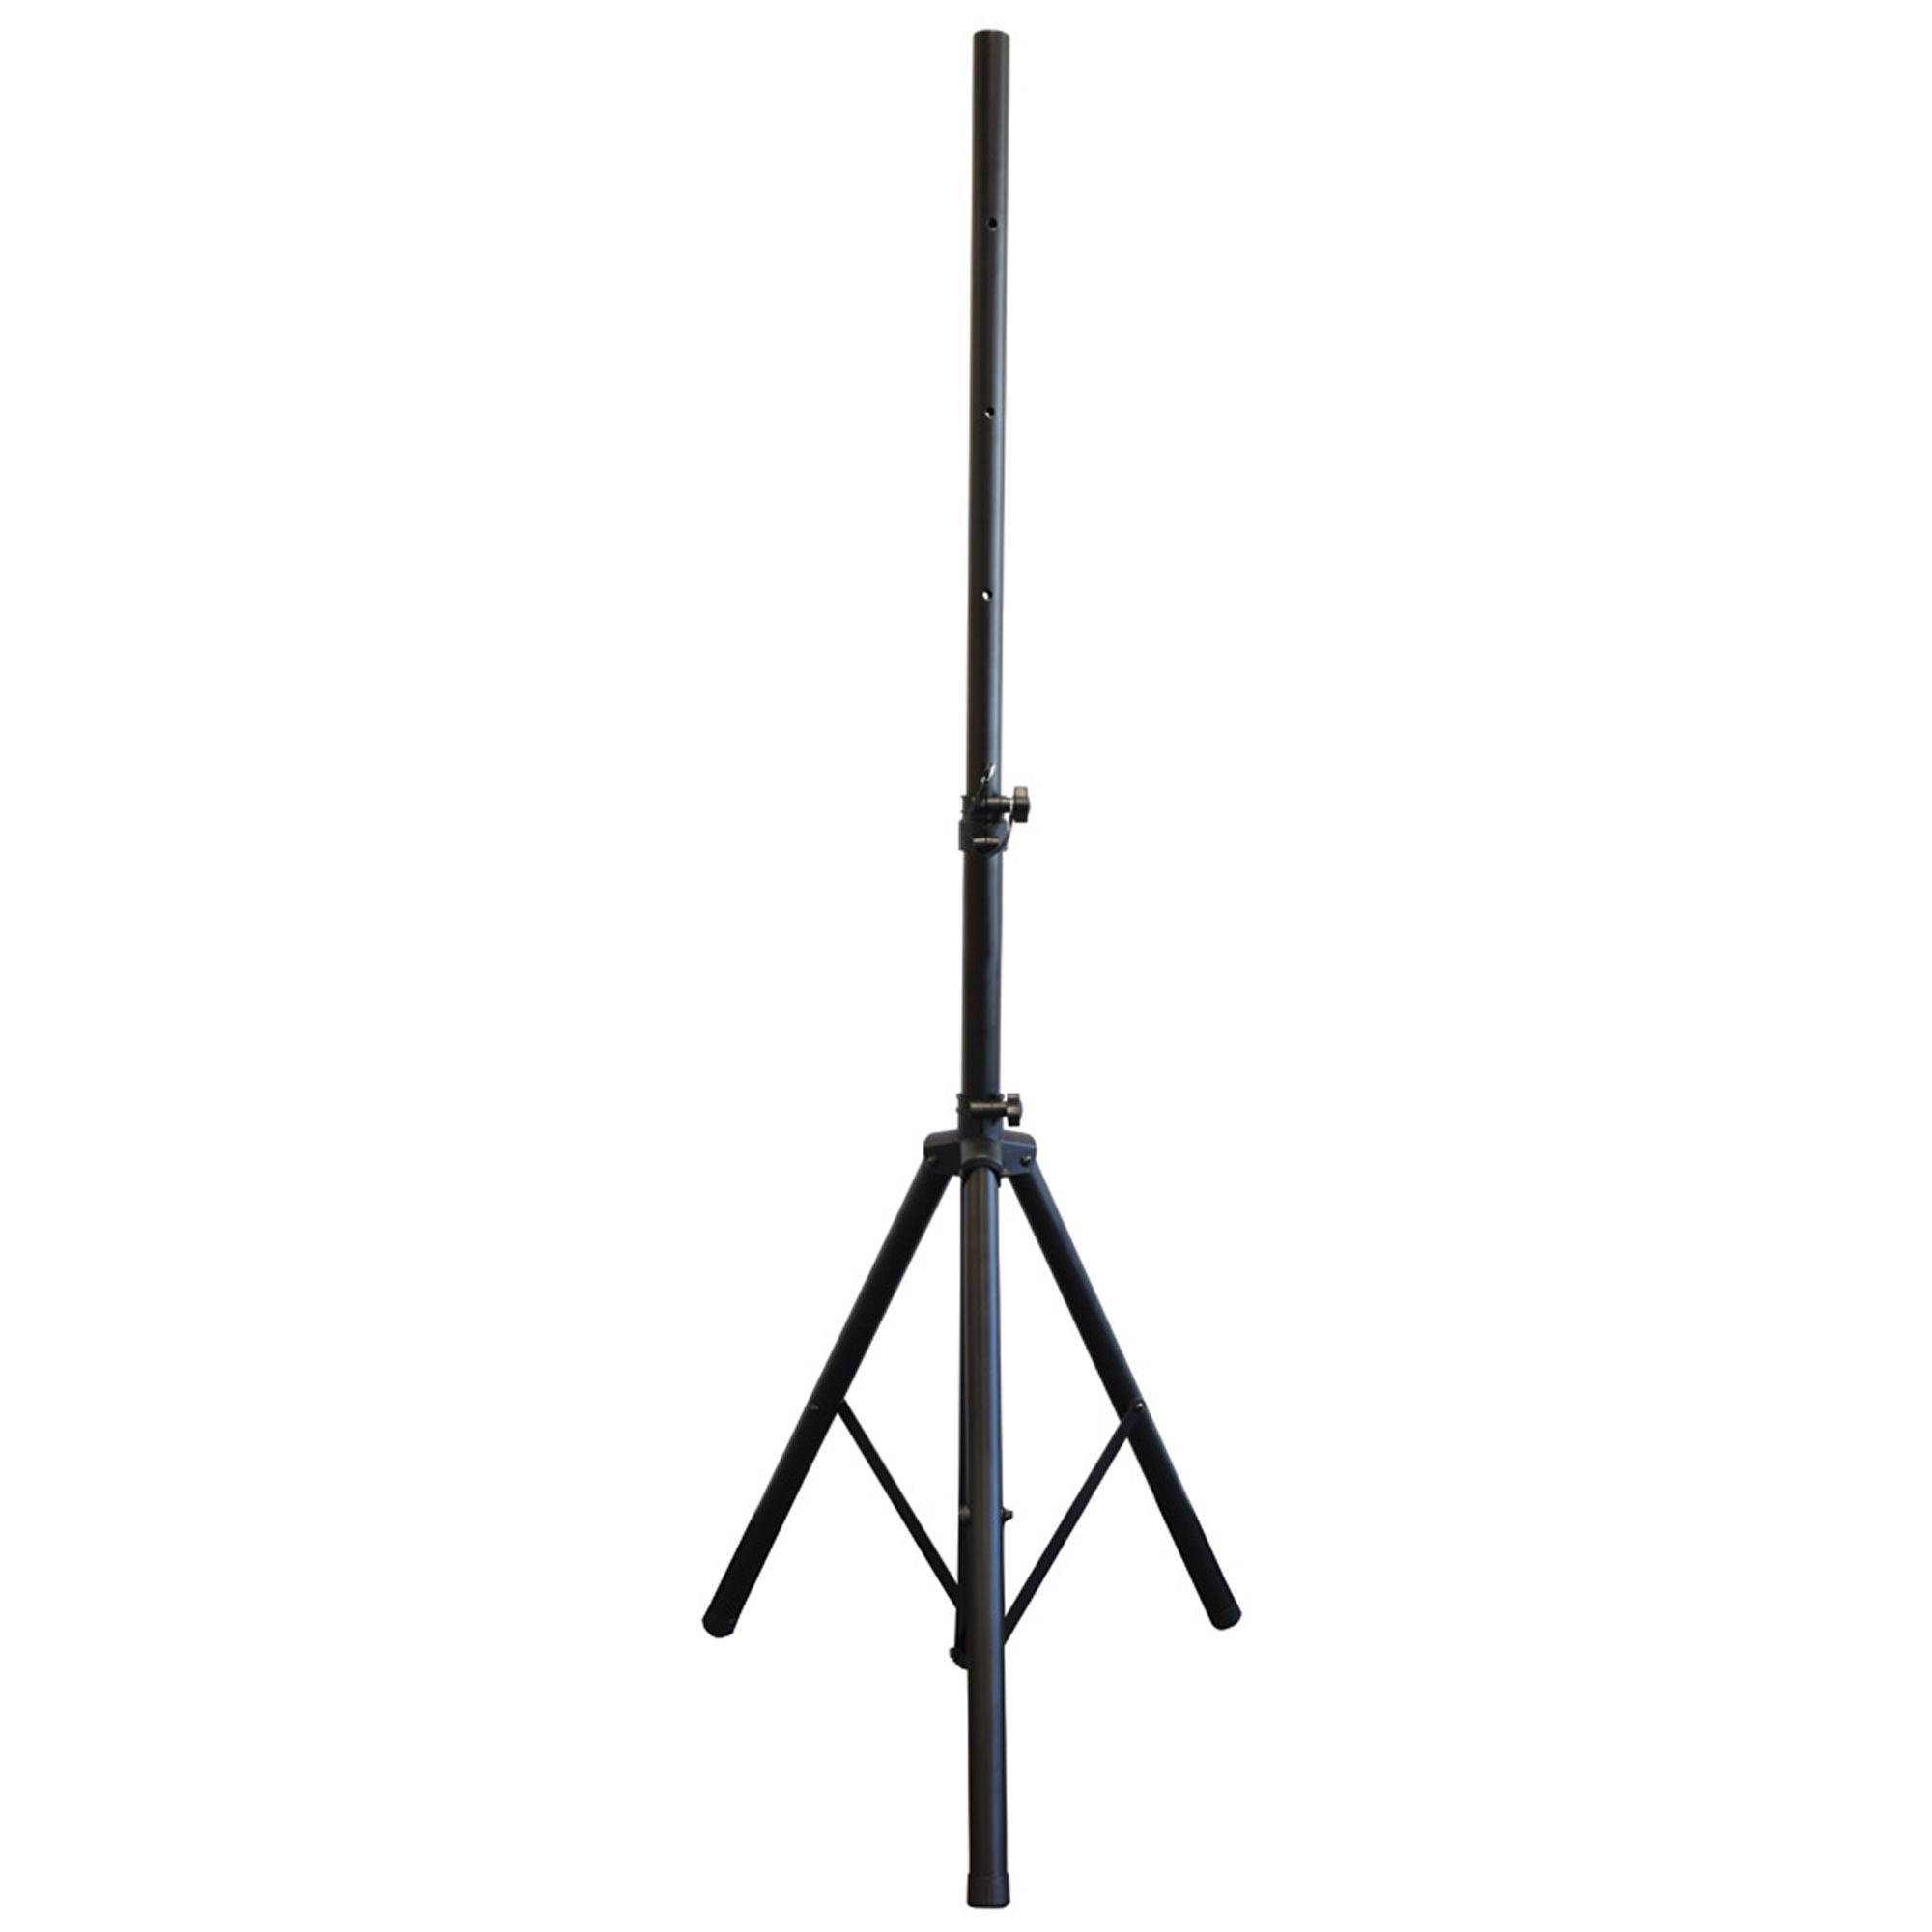 QTX Sound Tripod Speaker Stand, 35mm Black